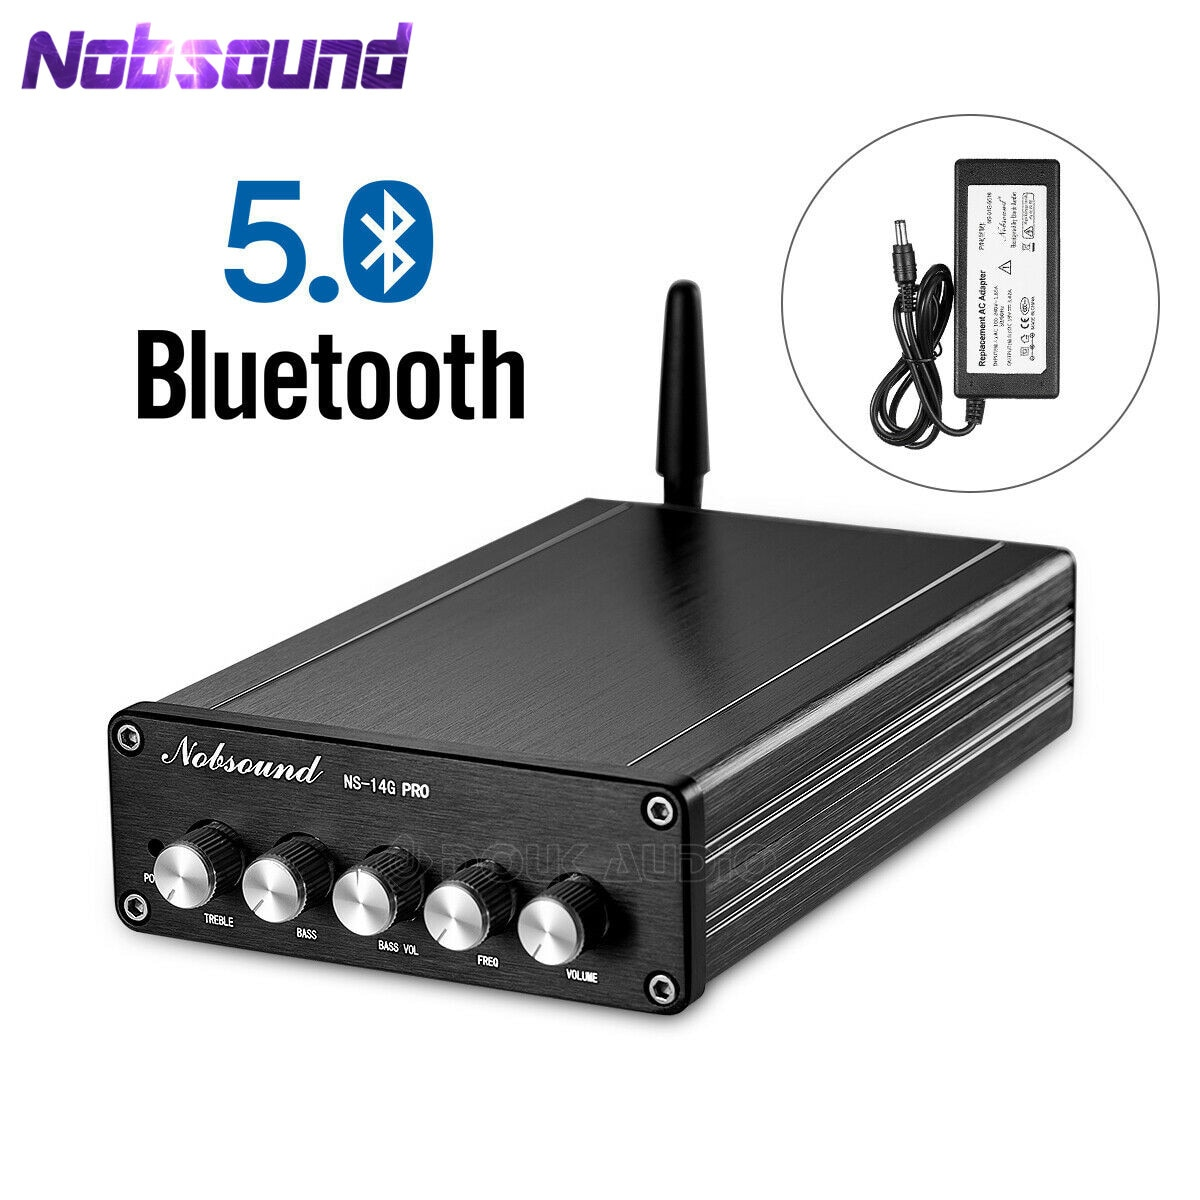 [해외]Nobsound 블루투스 5.0 hifi tpa3116 디지털 파워 오디오 앰프 2.1 채널 스테레오 오디오 앰프 블랙/Nobsound 블루투스 5.0 hifi tpa3116 디지털 파워 오디오 앰프 2.1 채널 스테레오 오디오 앰프 블랙